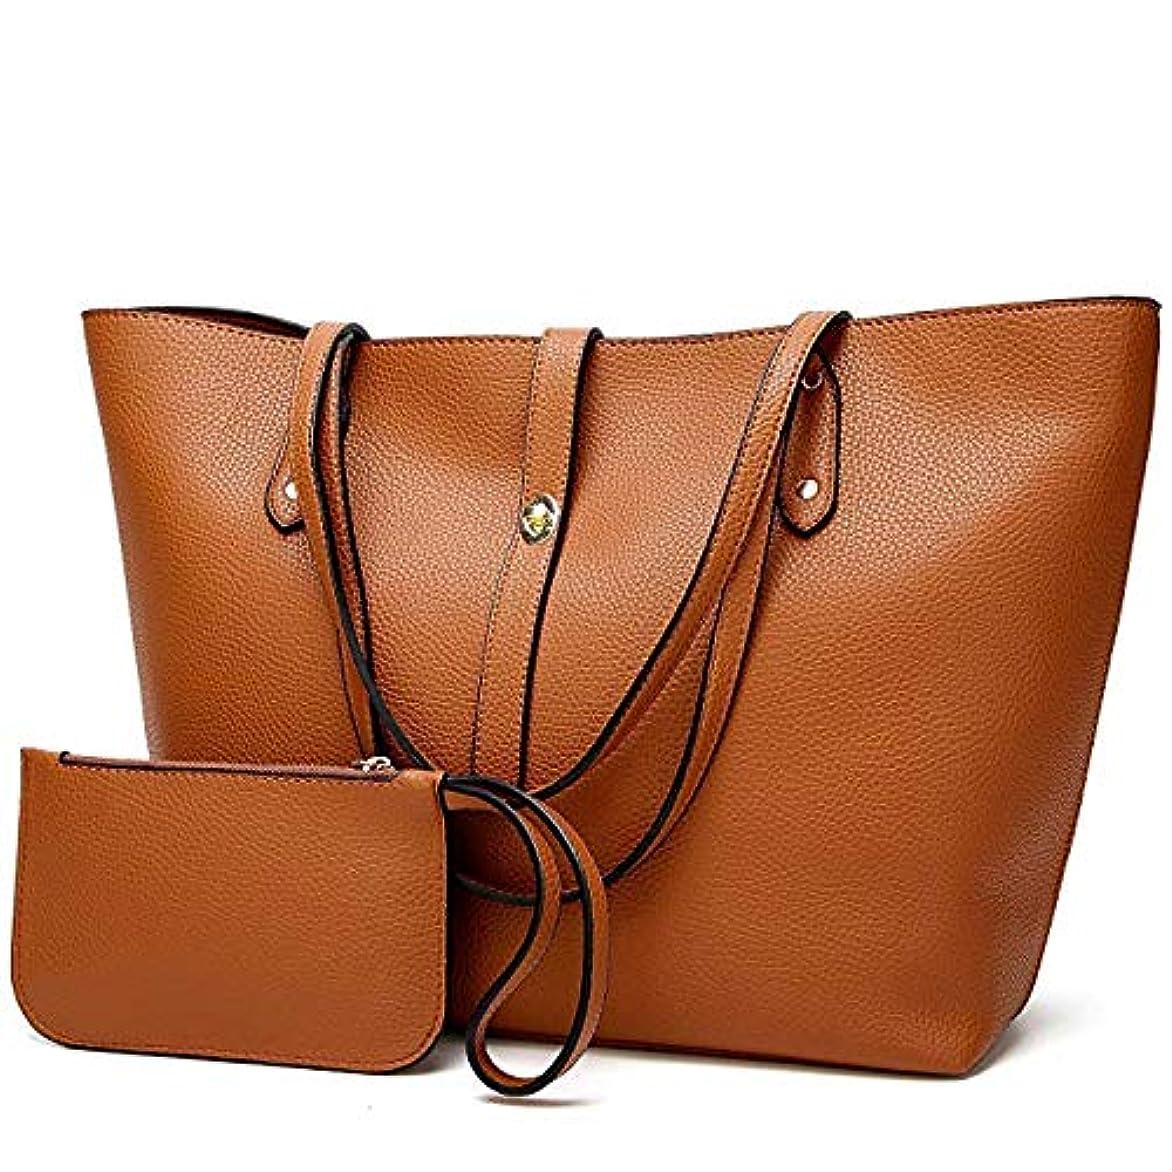 セットアップクランシー稼ぐ[TcIFE] ハンドバッグ レディース トートバッグ 大容量 無地 ショルダーバッグ 2way 財布とハンドバッグ